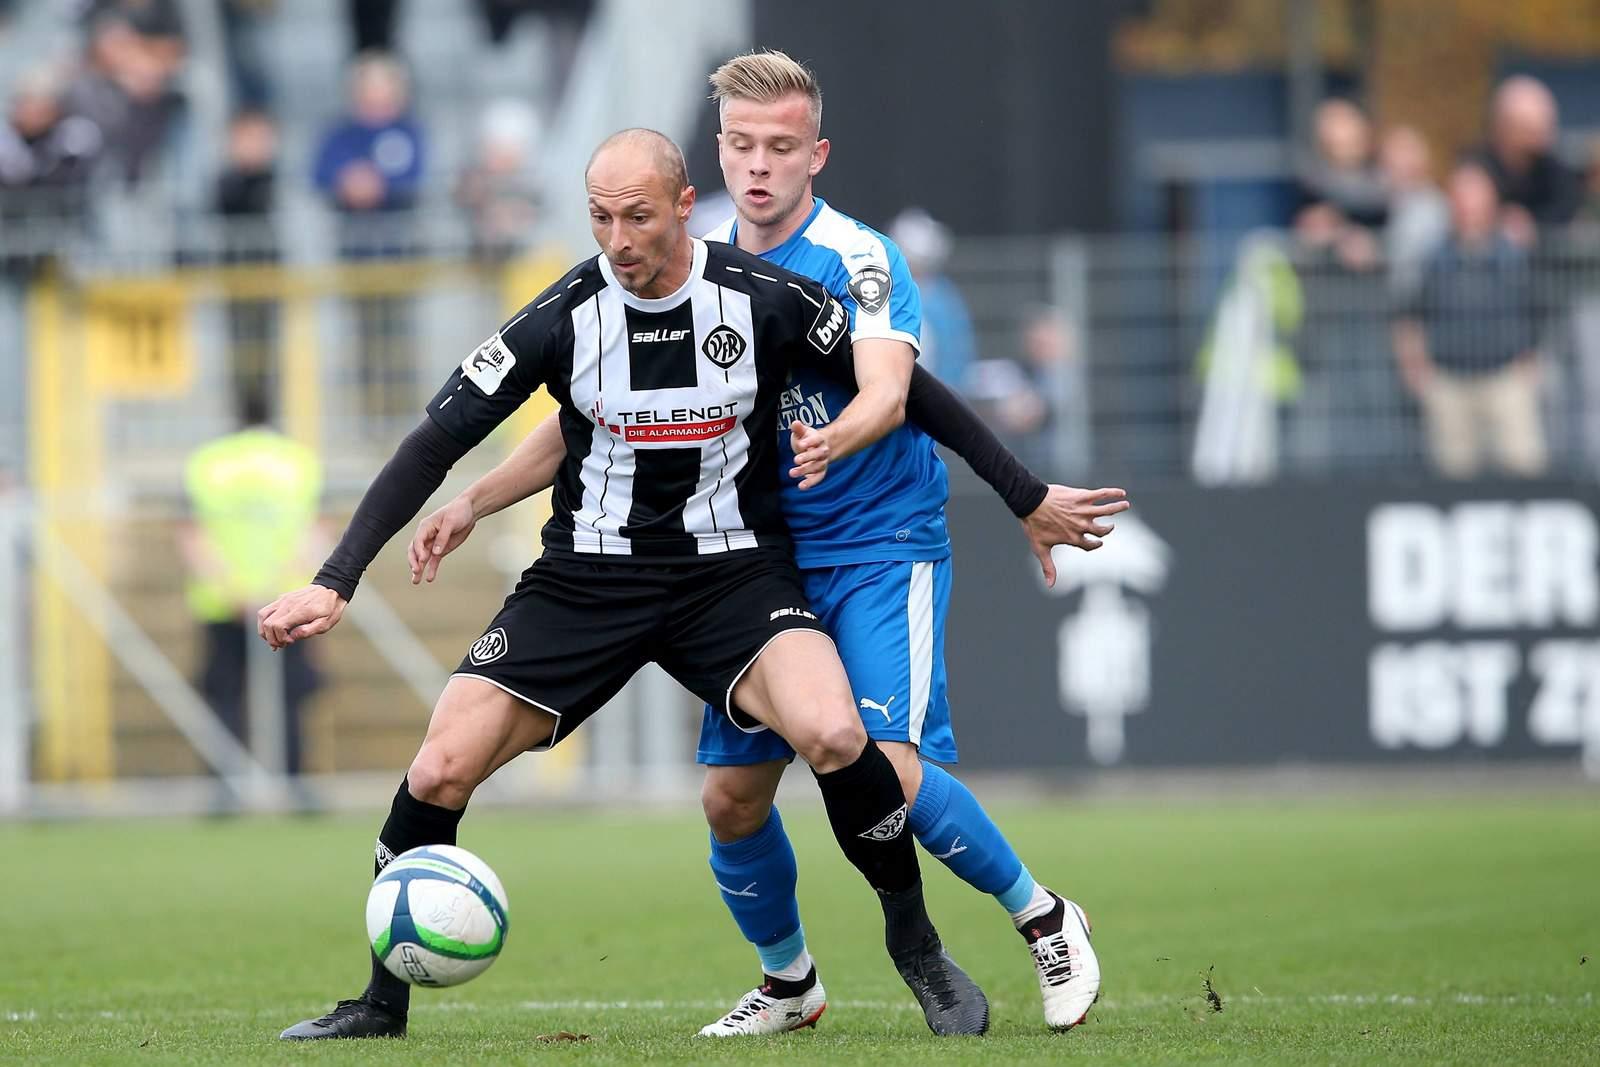 Vier Treffer und drei Vorlagen: Kein Aalener ist so torgefährlich wie Matthias Morys.